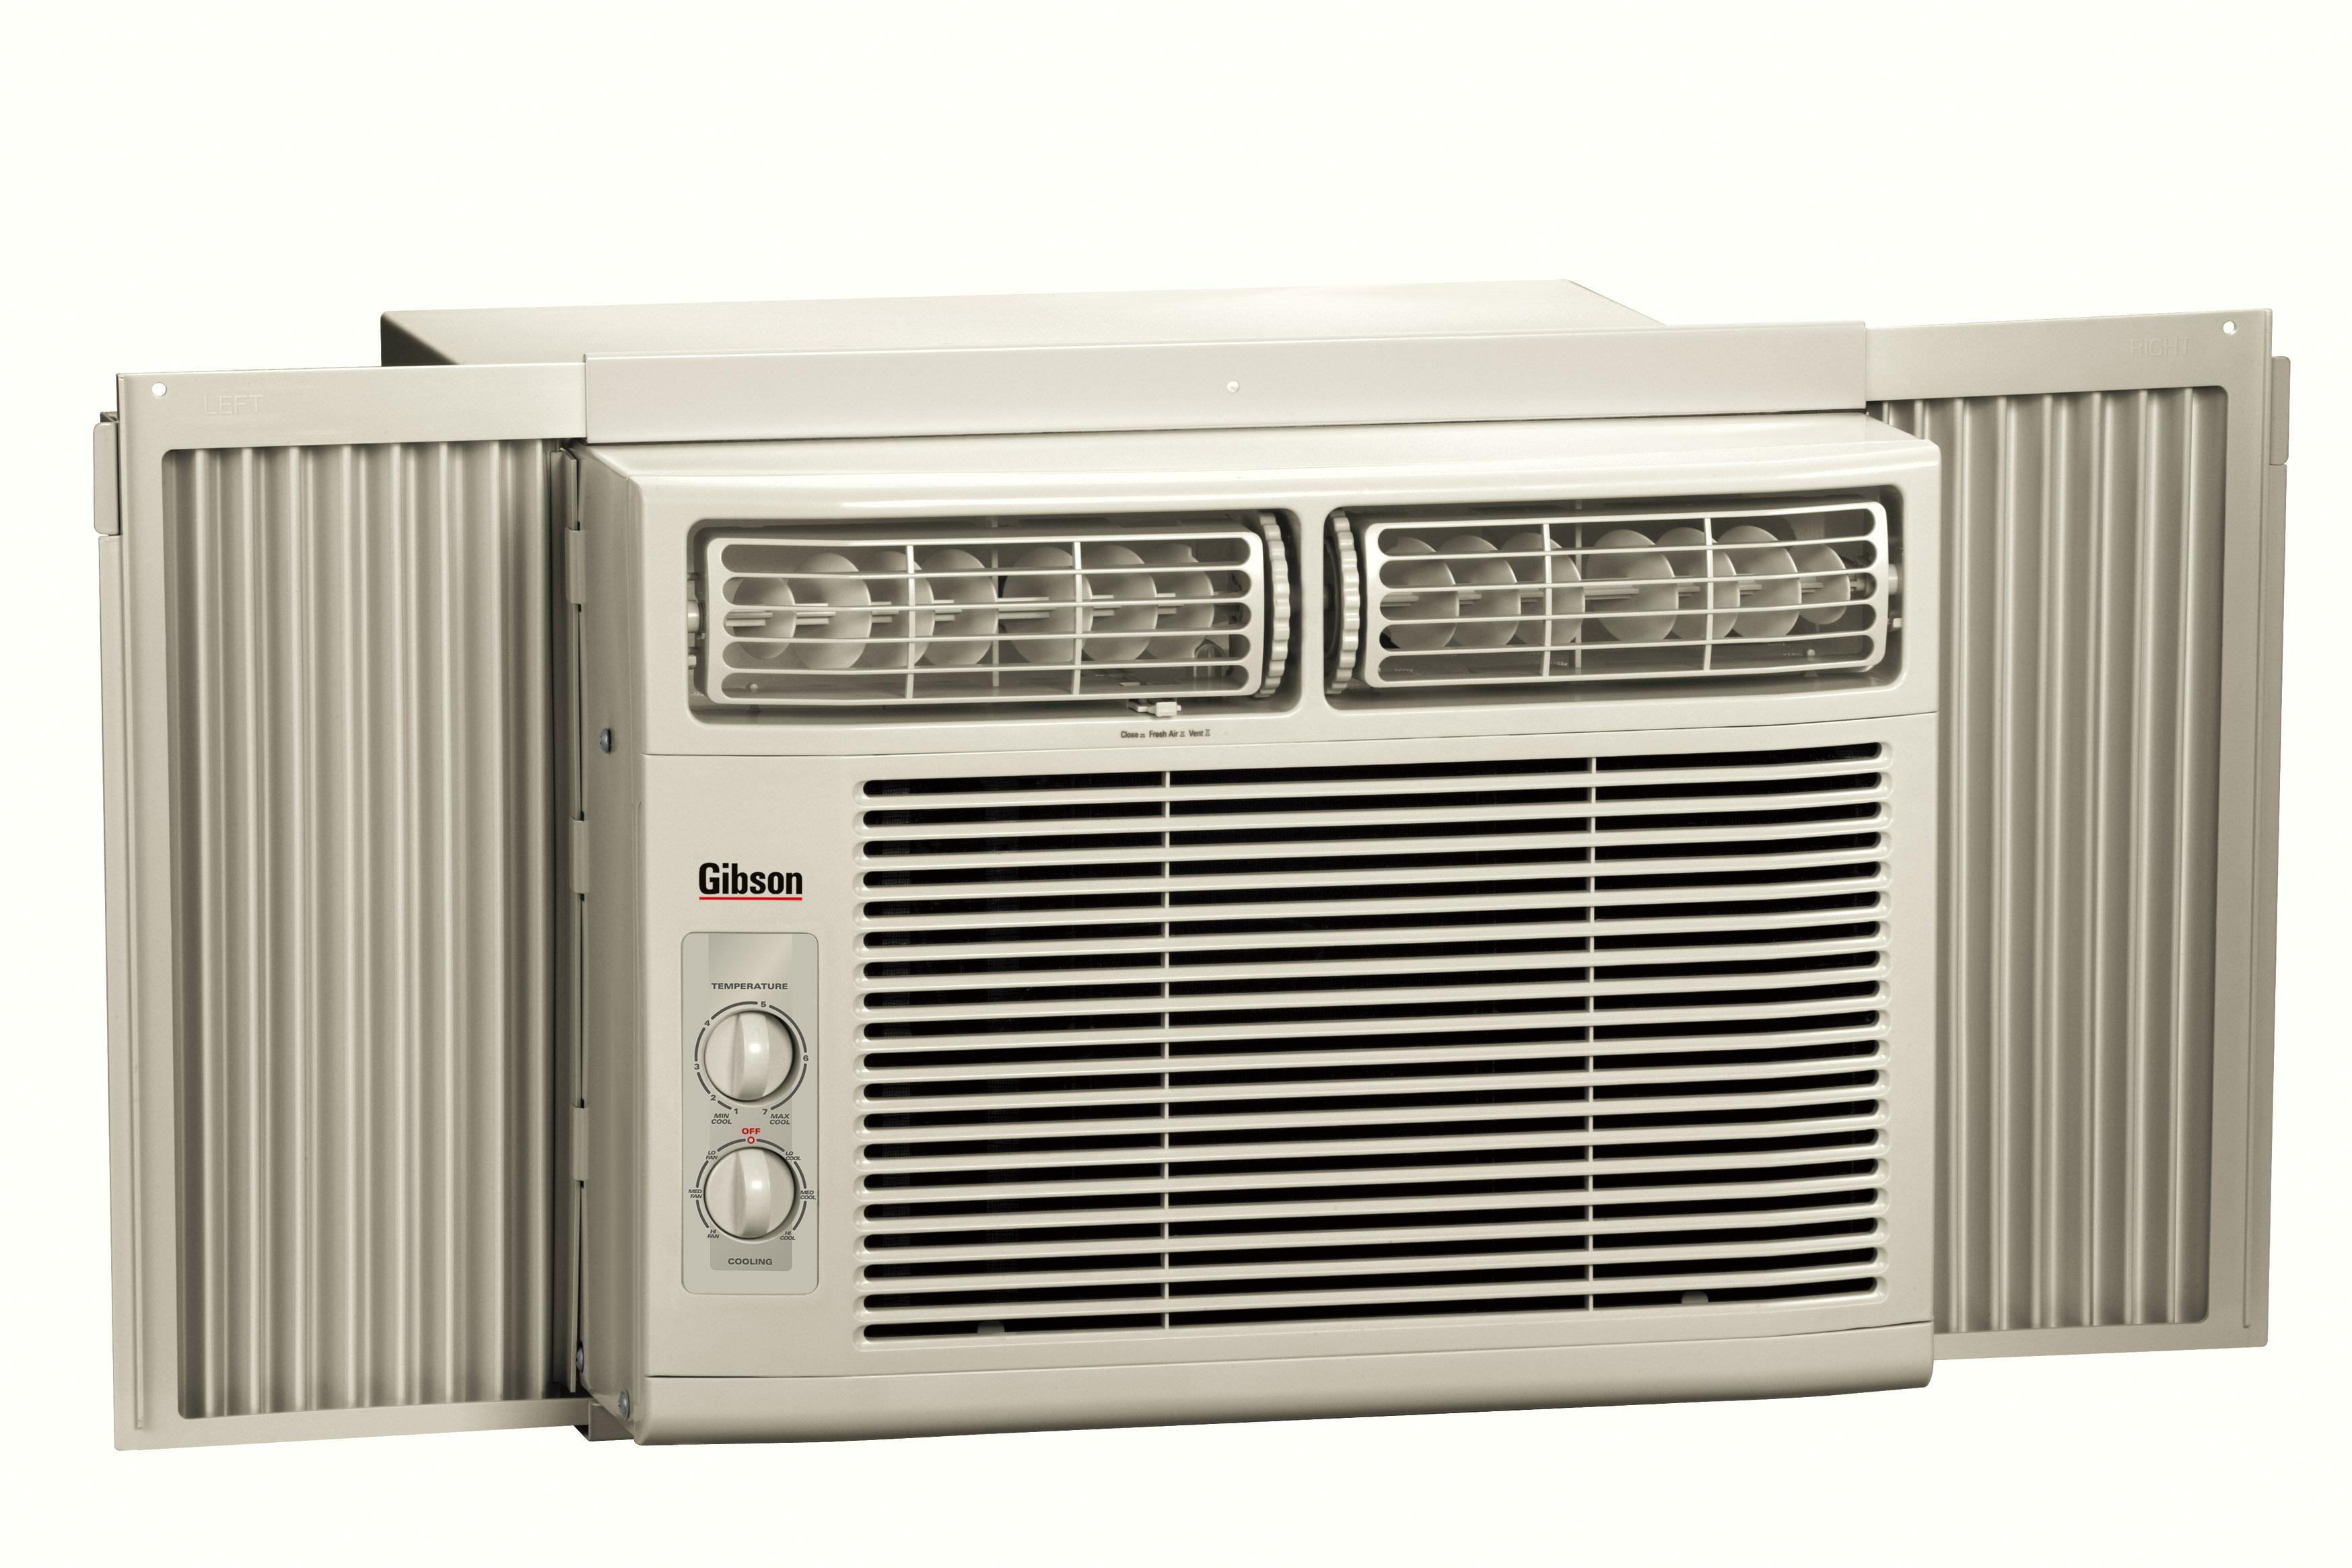 Gibson Air Conditioner Model Gac122p1a1 Parts Repair Help Repair Clinic